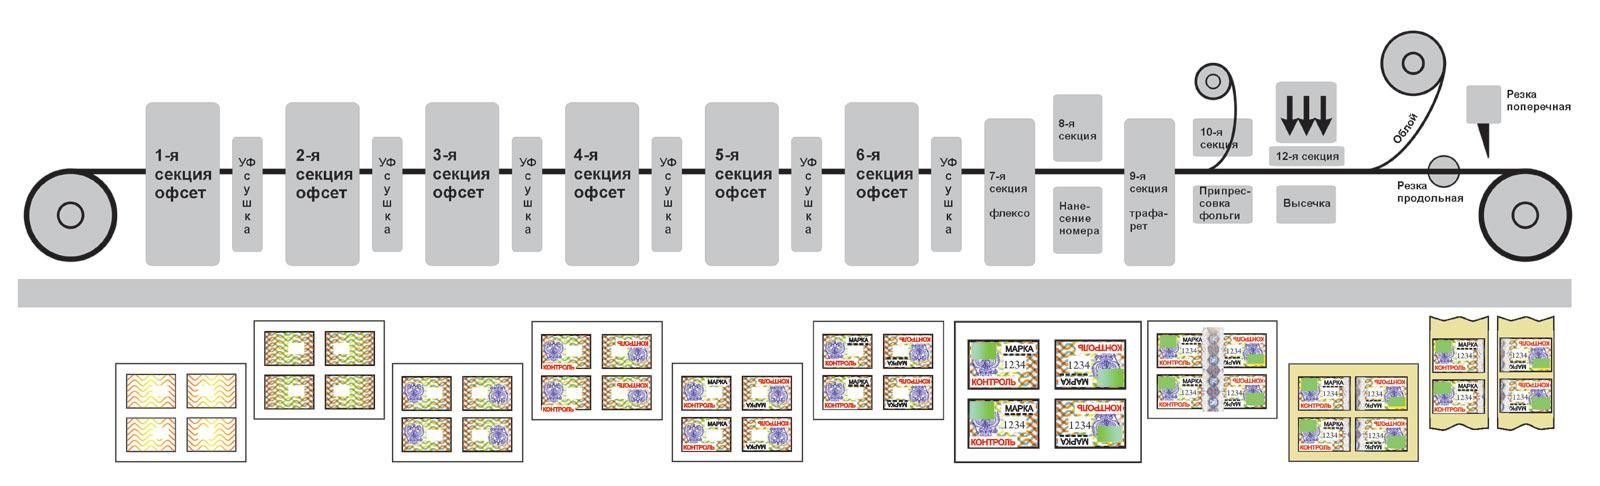 Схема изготовления защитной